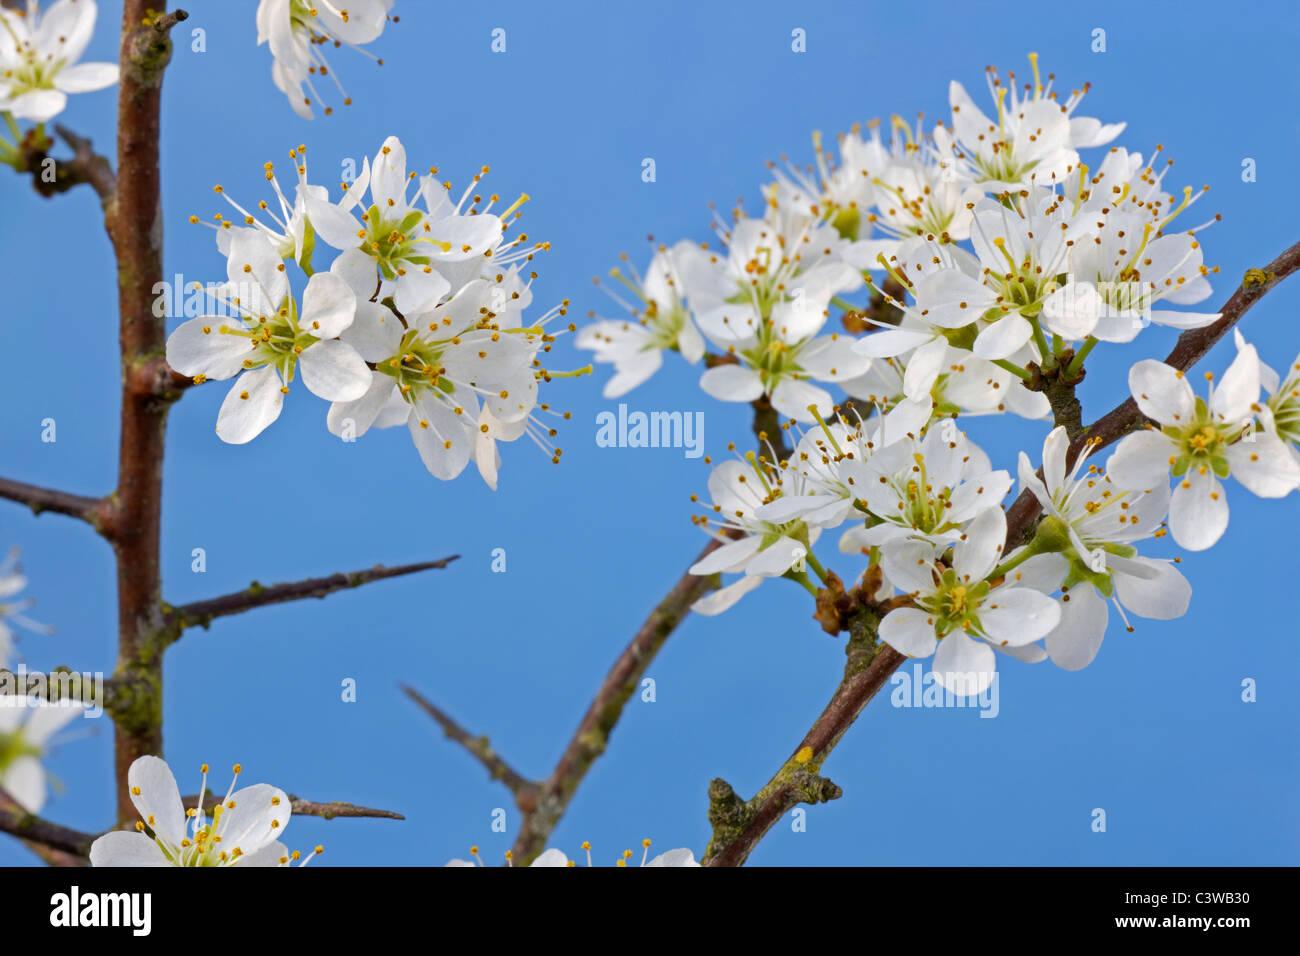 Blackthorn / Sloe (Prunus spinosa) flowering in spring, Belgium - Stock Image